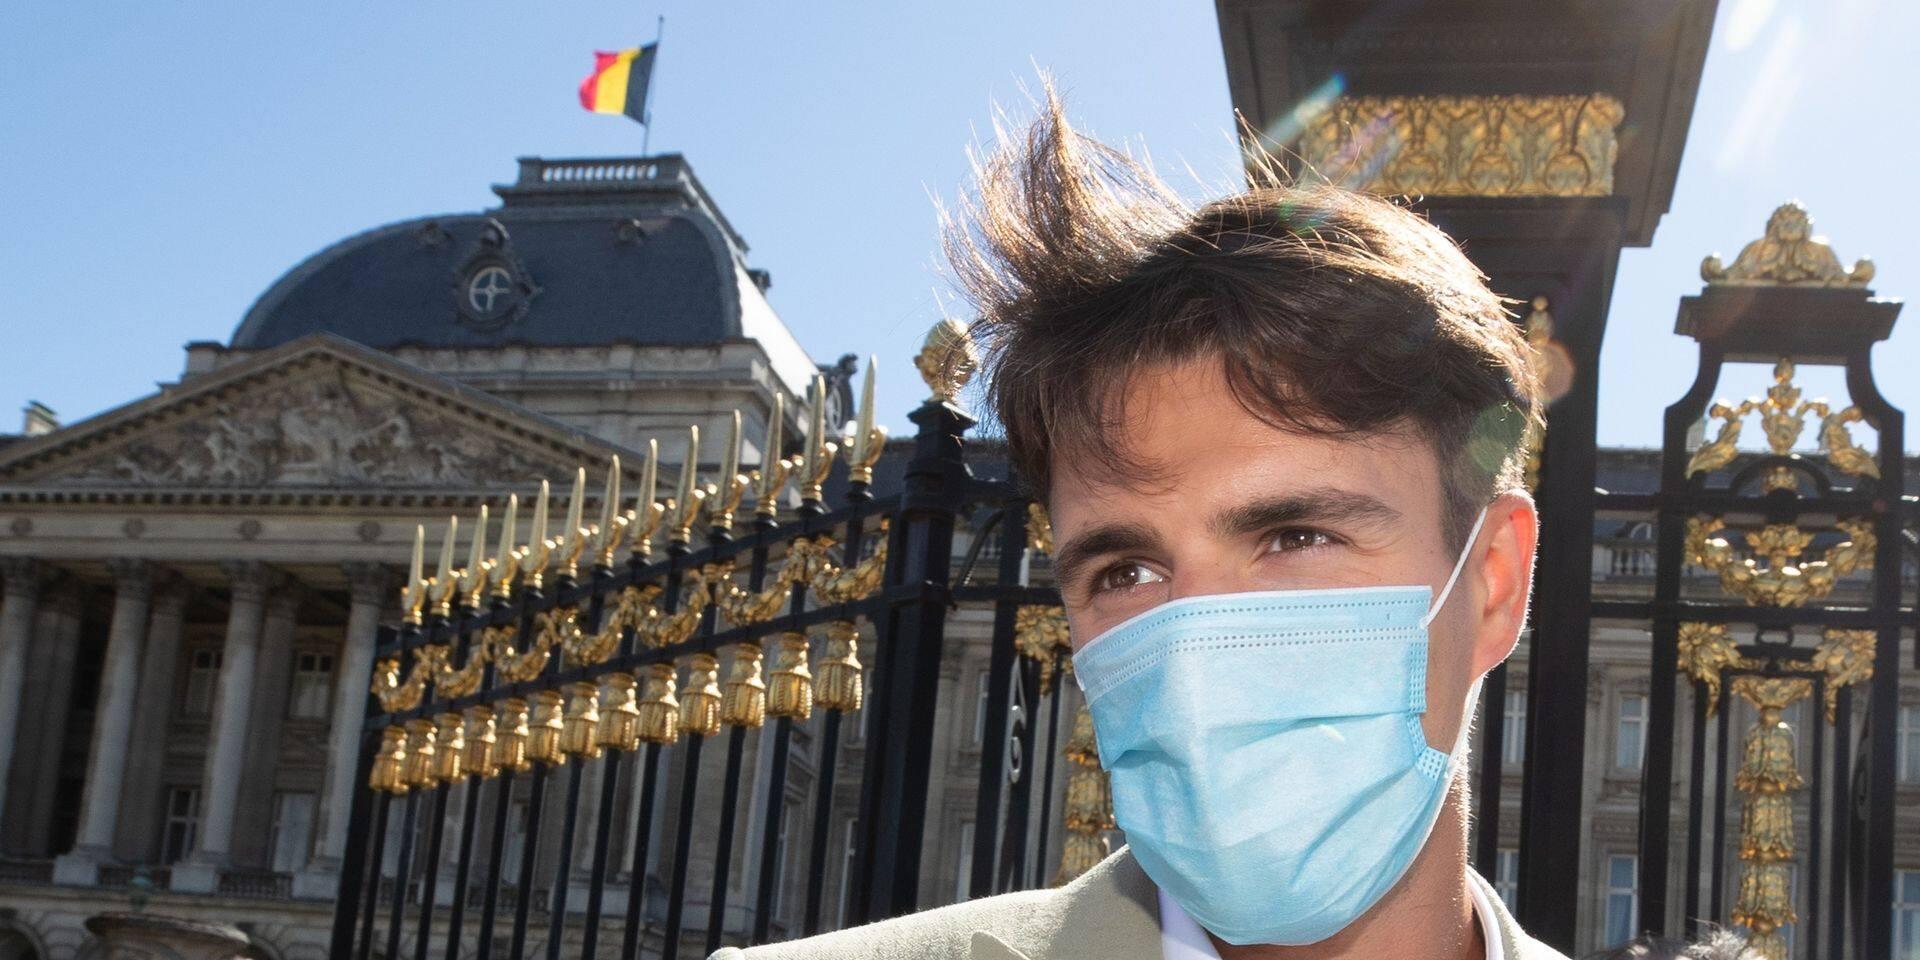 Rousseau veut de nouvelles élections s'il n'y a pas de gouvernement à la mi-septembre